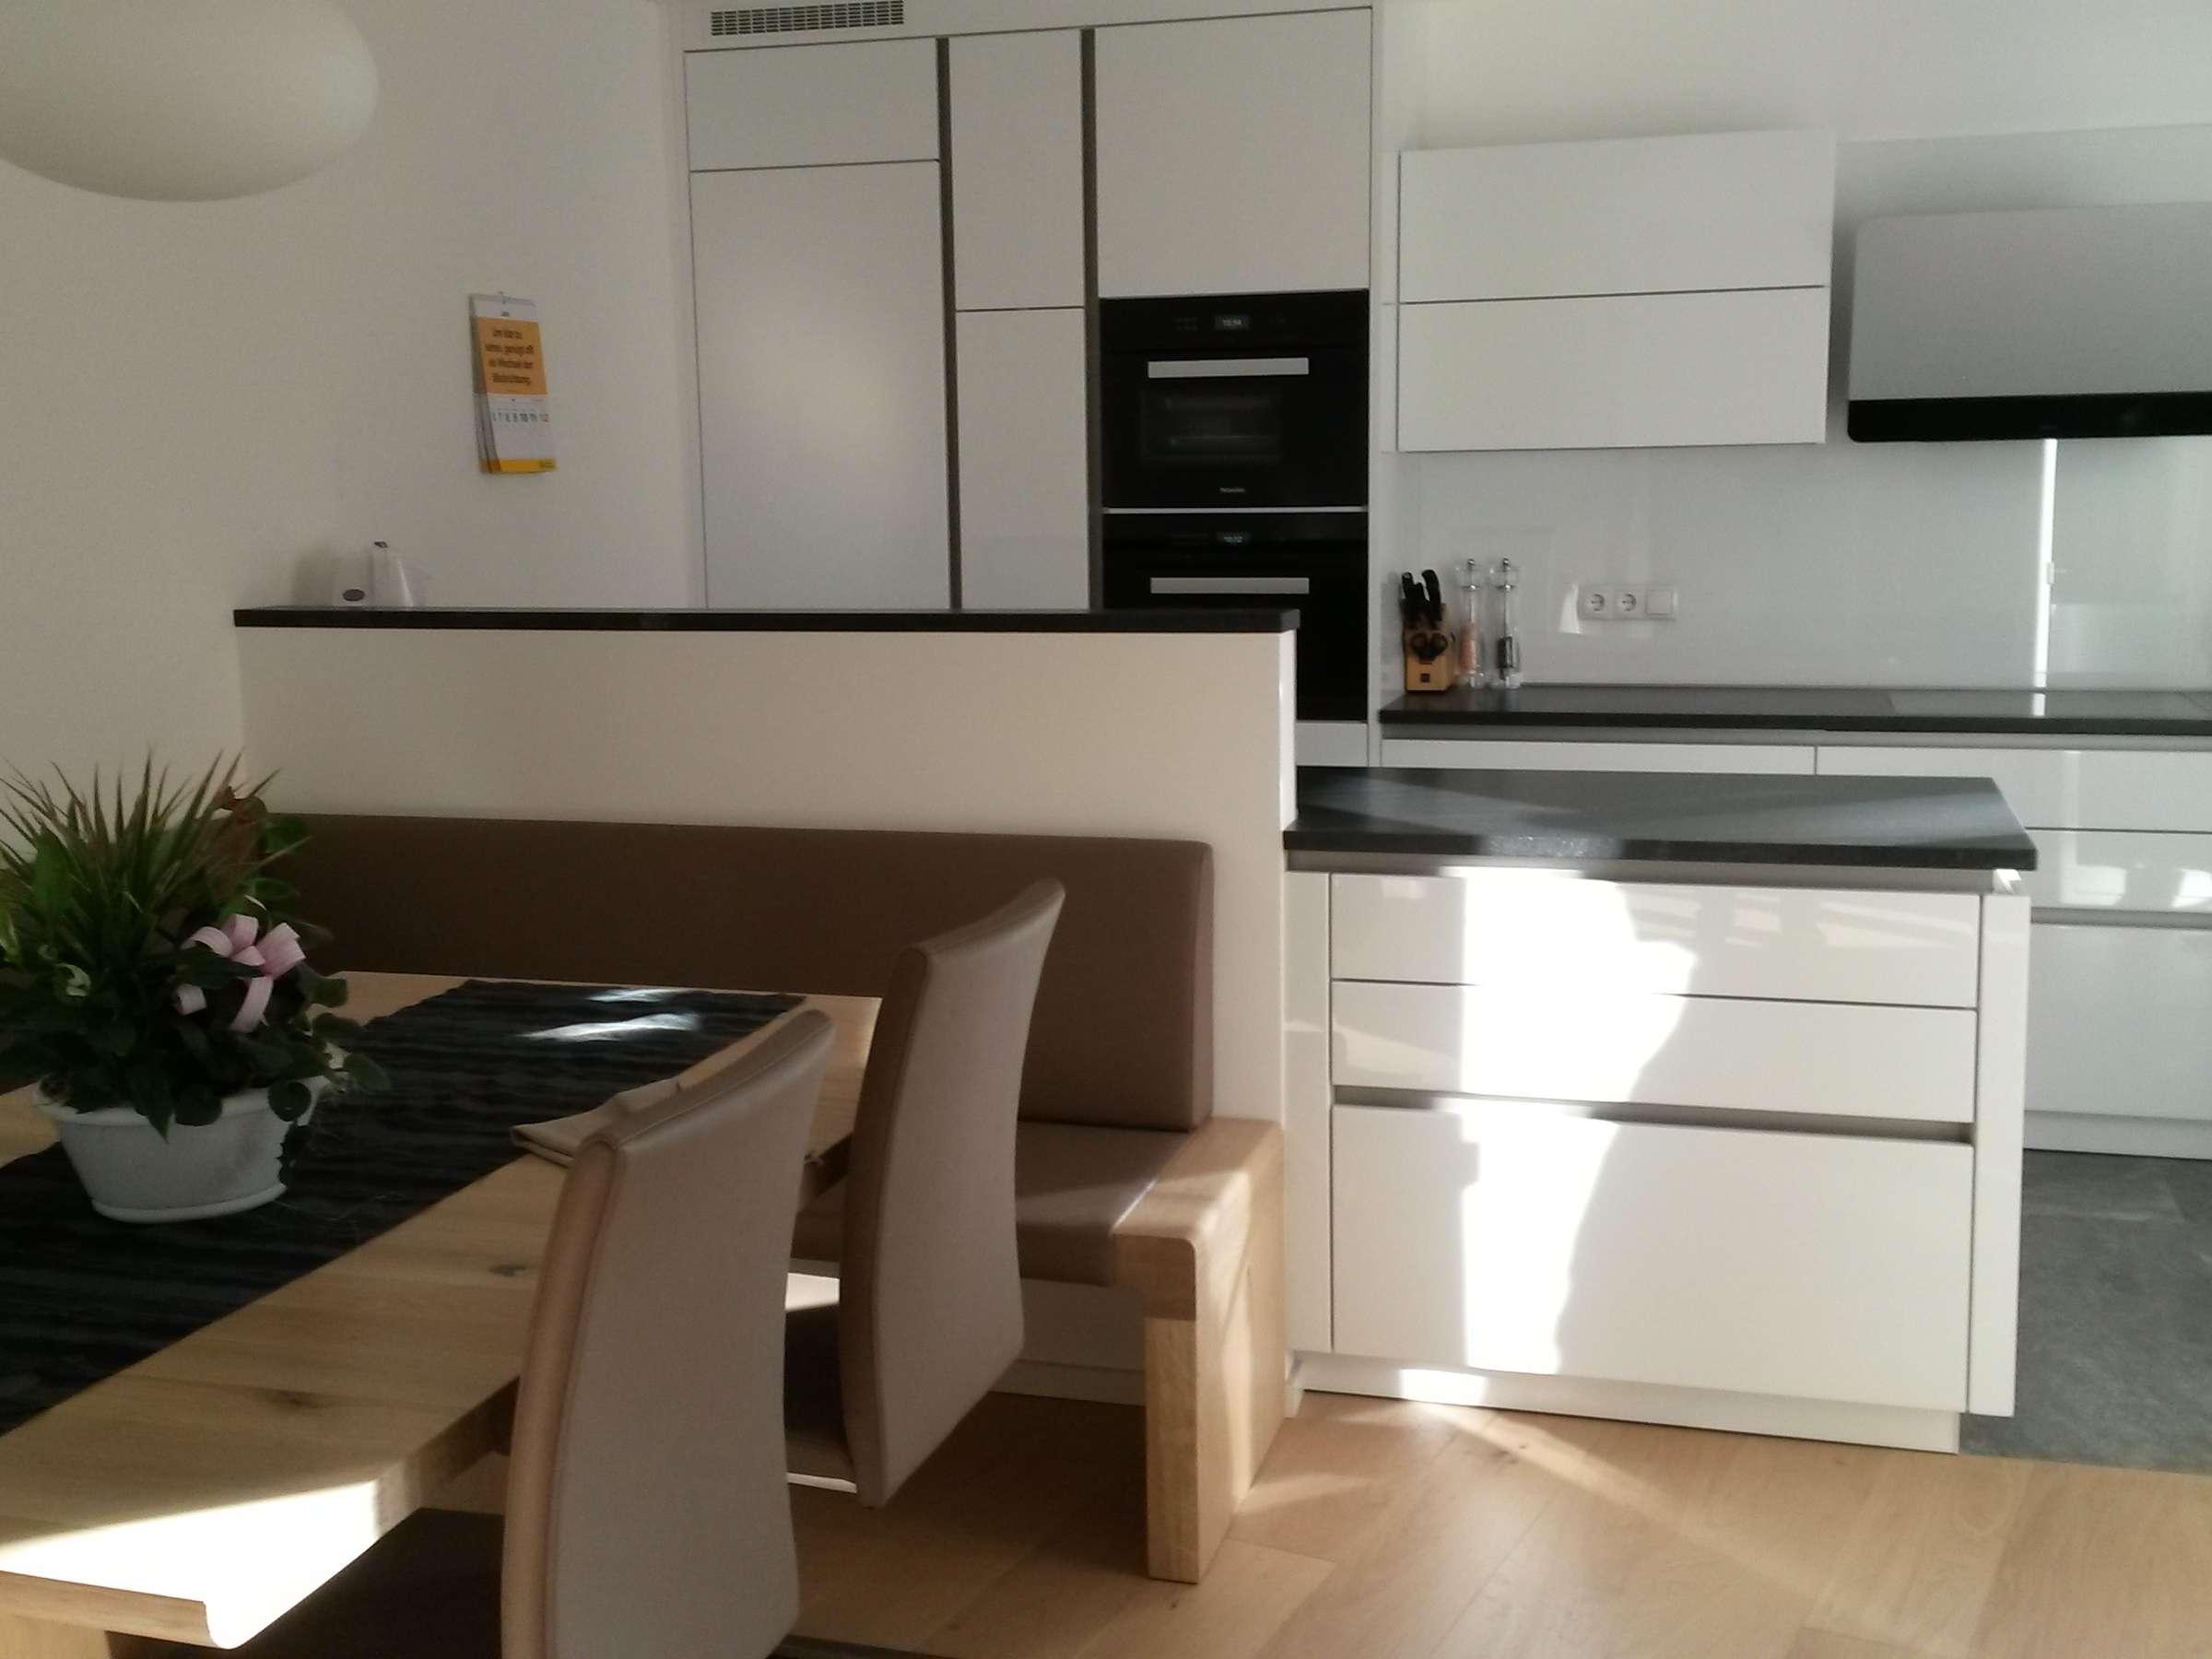 Wunderbar Küchen Nach Design Galerie - Küche Set Ideen ...